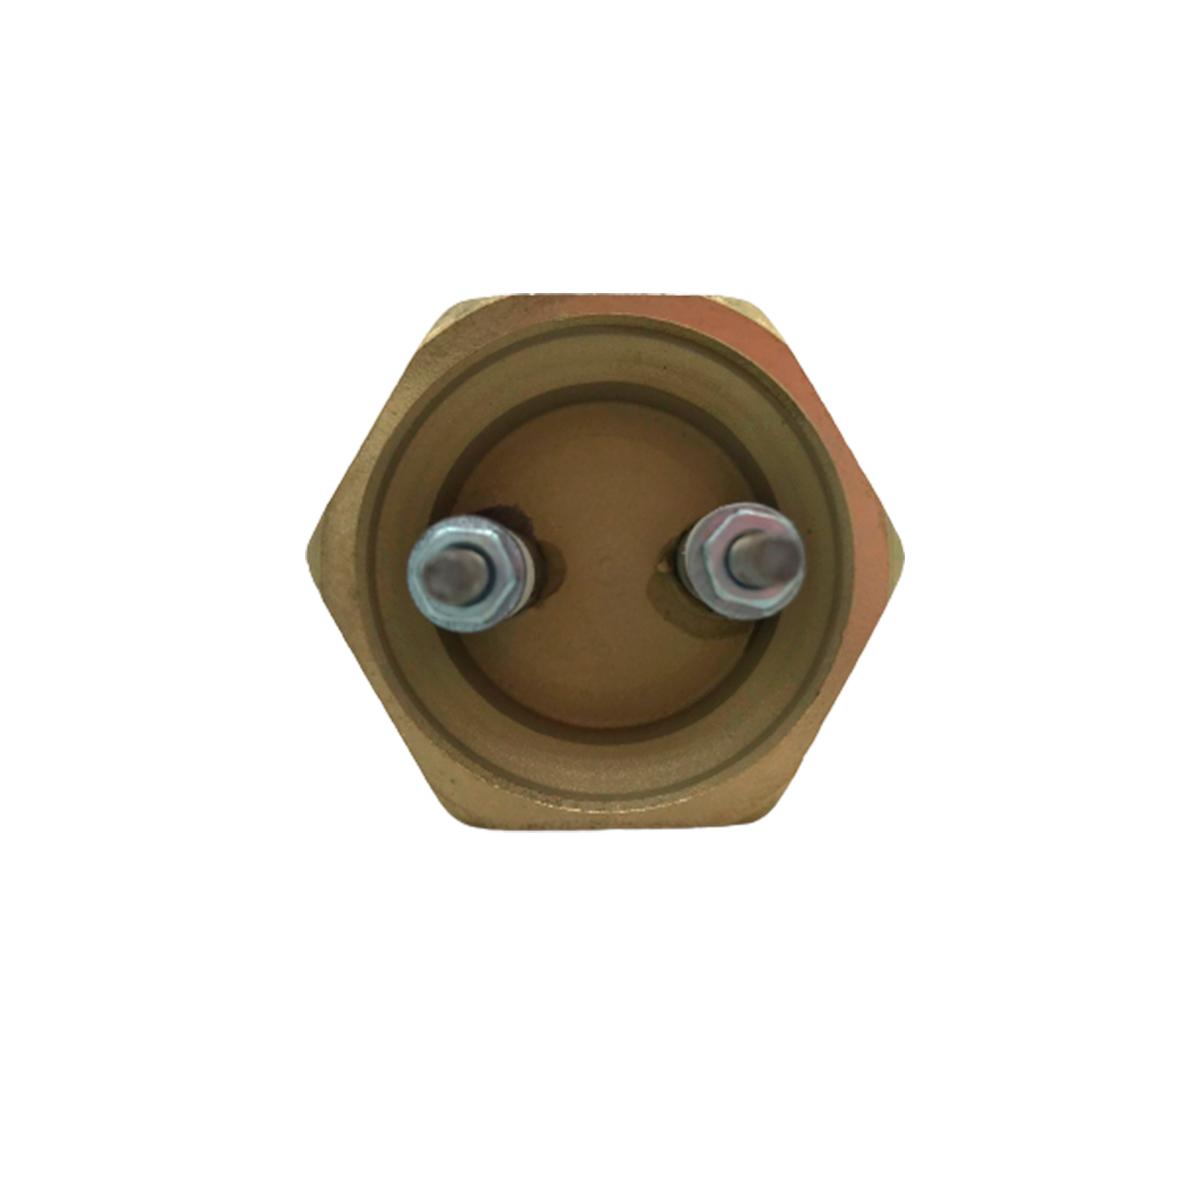 RESISTÊNCIA TUBULAR DE INOX 304 - 1 ELEMENTO E COM 3000 W X 220 V - ROSCA 1.1/4 COM 300 MM. COMPRIMENTO E SEM BULBO.